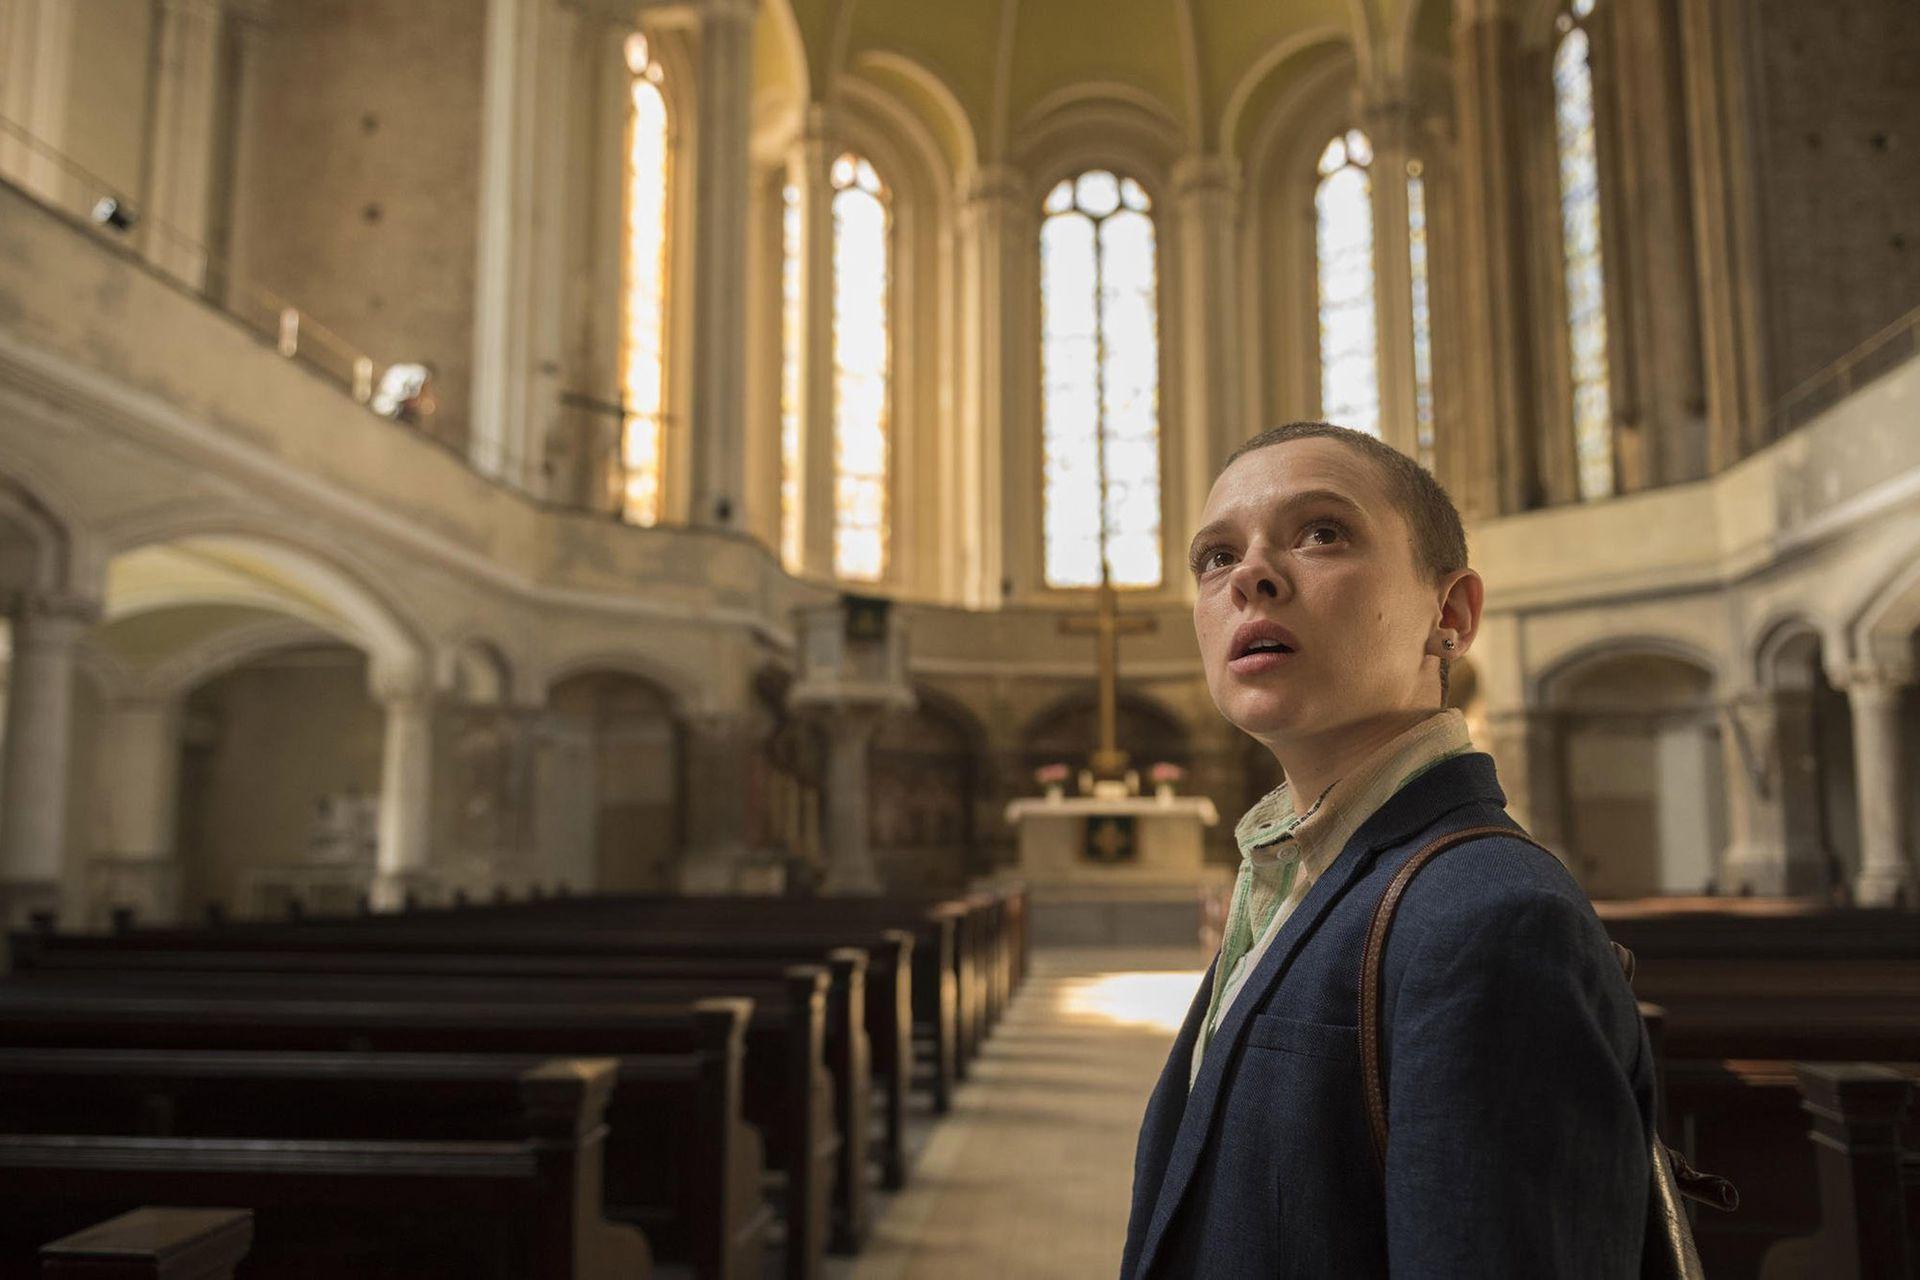 En Poco ortodoxa, Shira Haas conmovió en el papel de una joven que decide liberarse de los mandatos religiosos